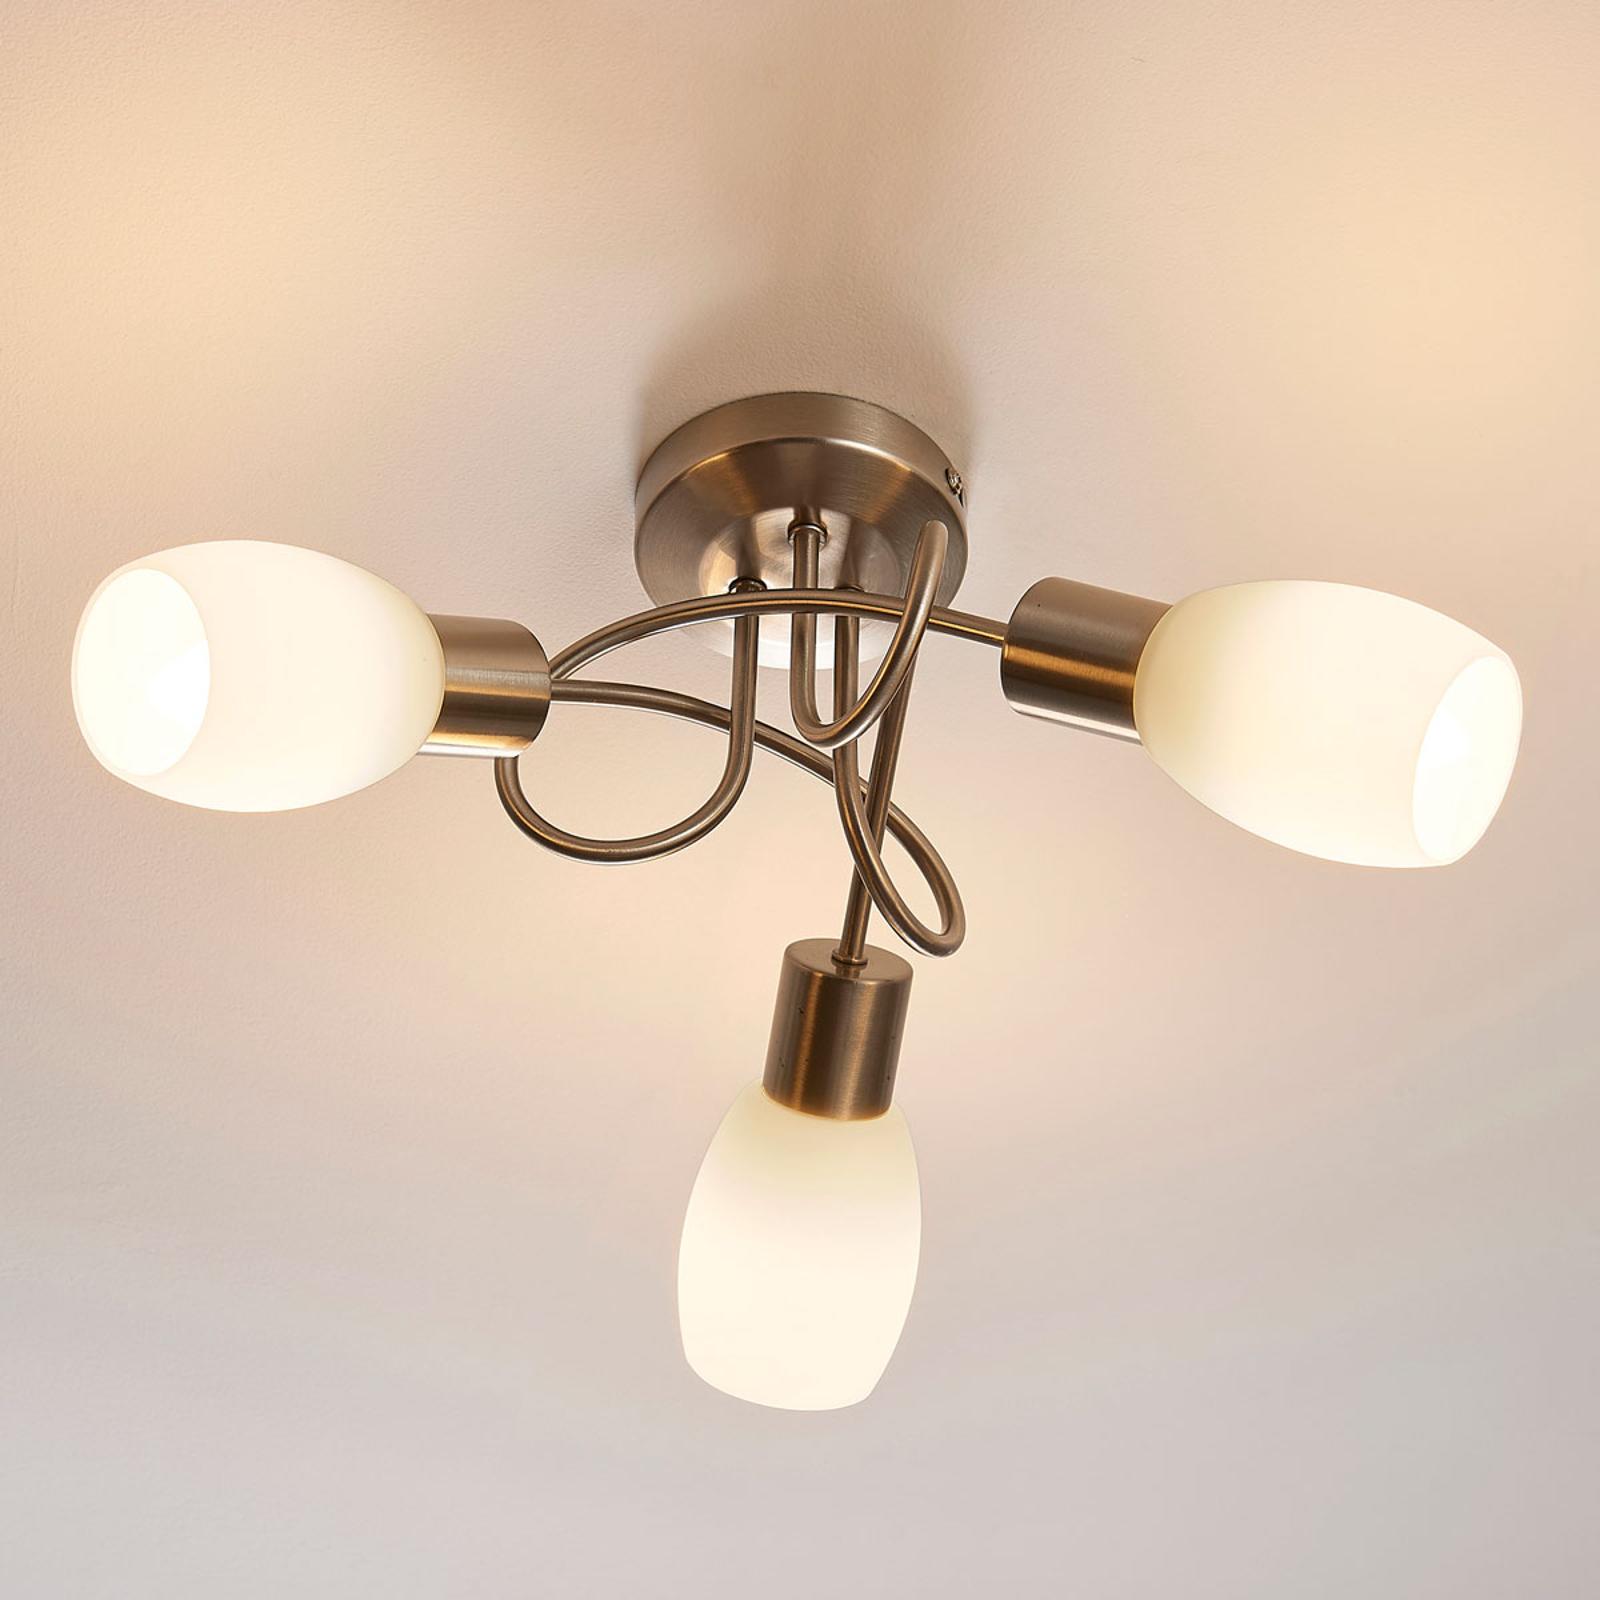 Lampada LED da soffitto Arda con funzione Easydim